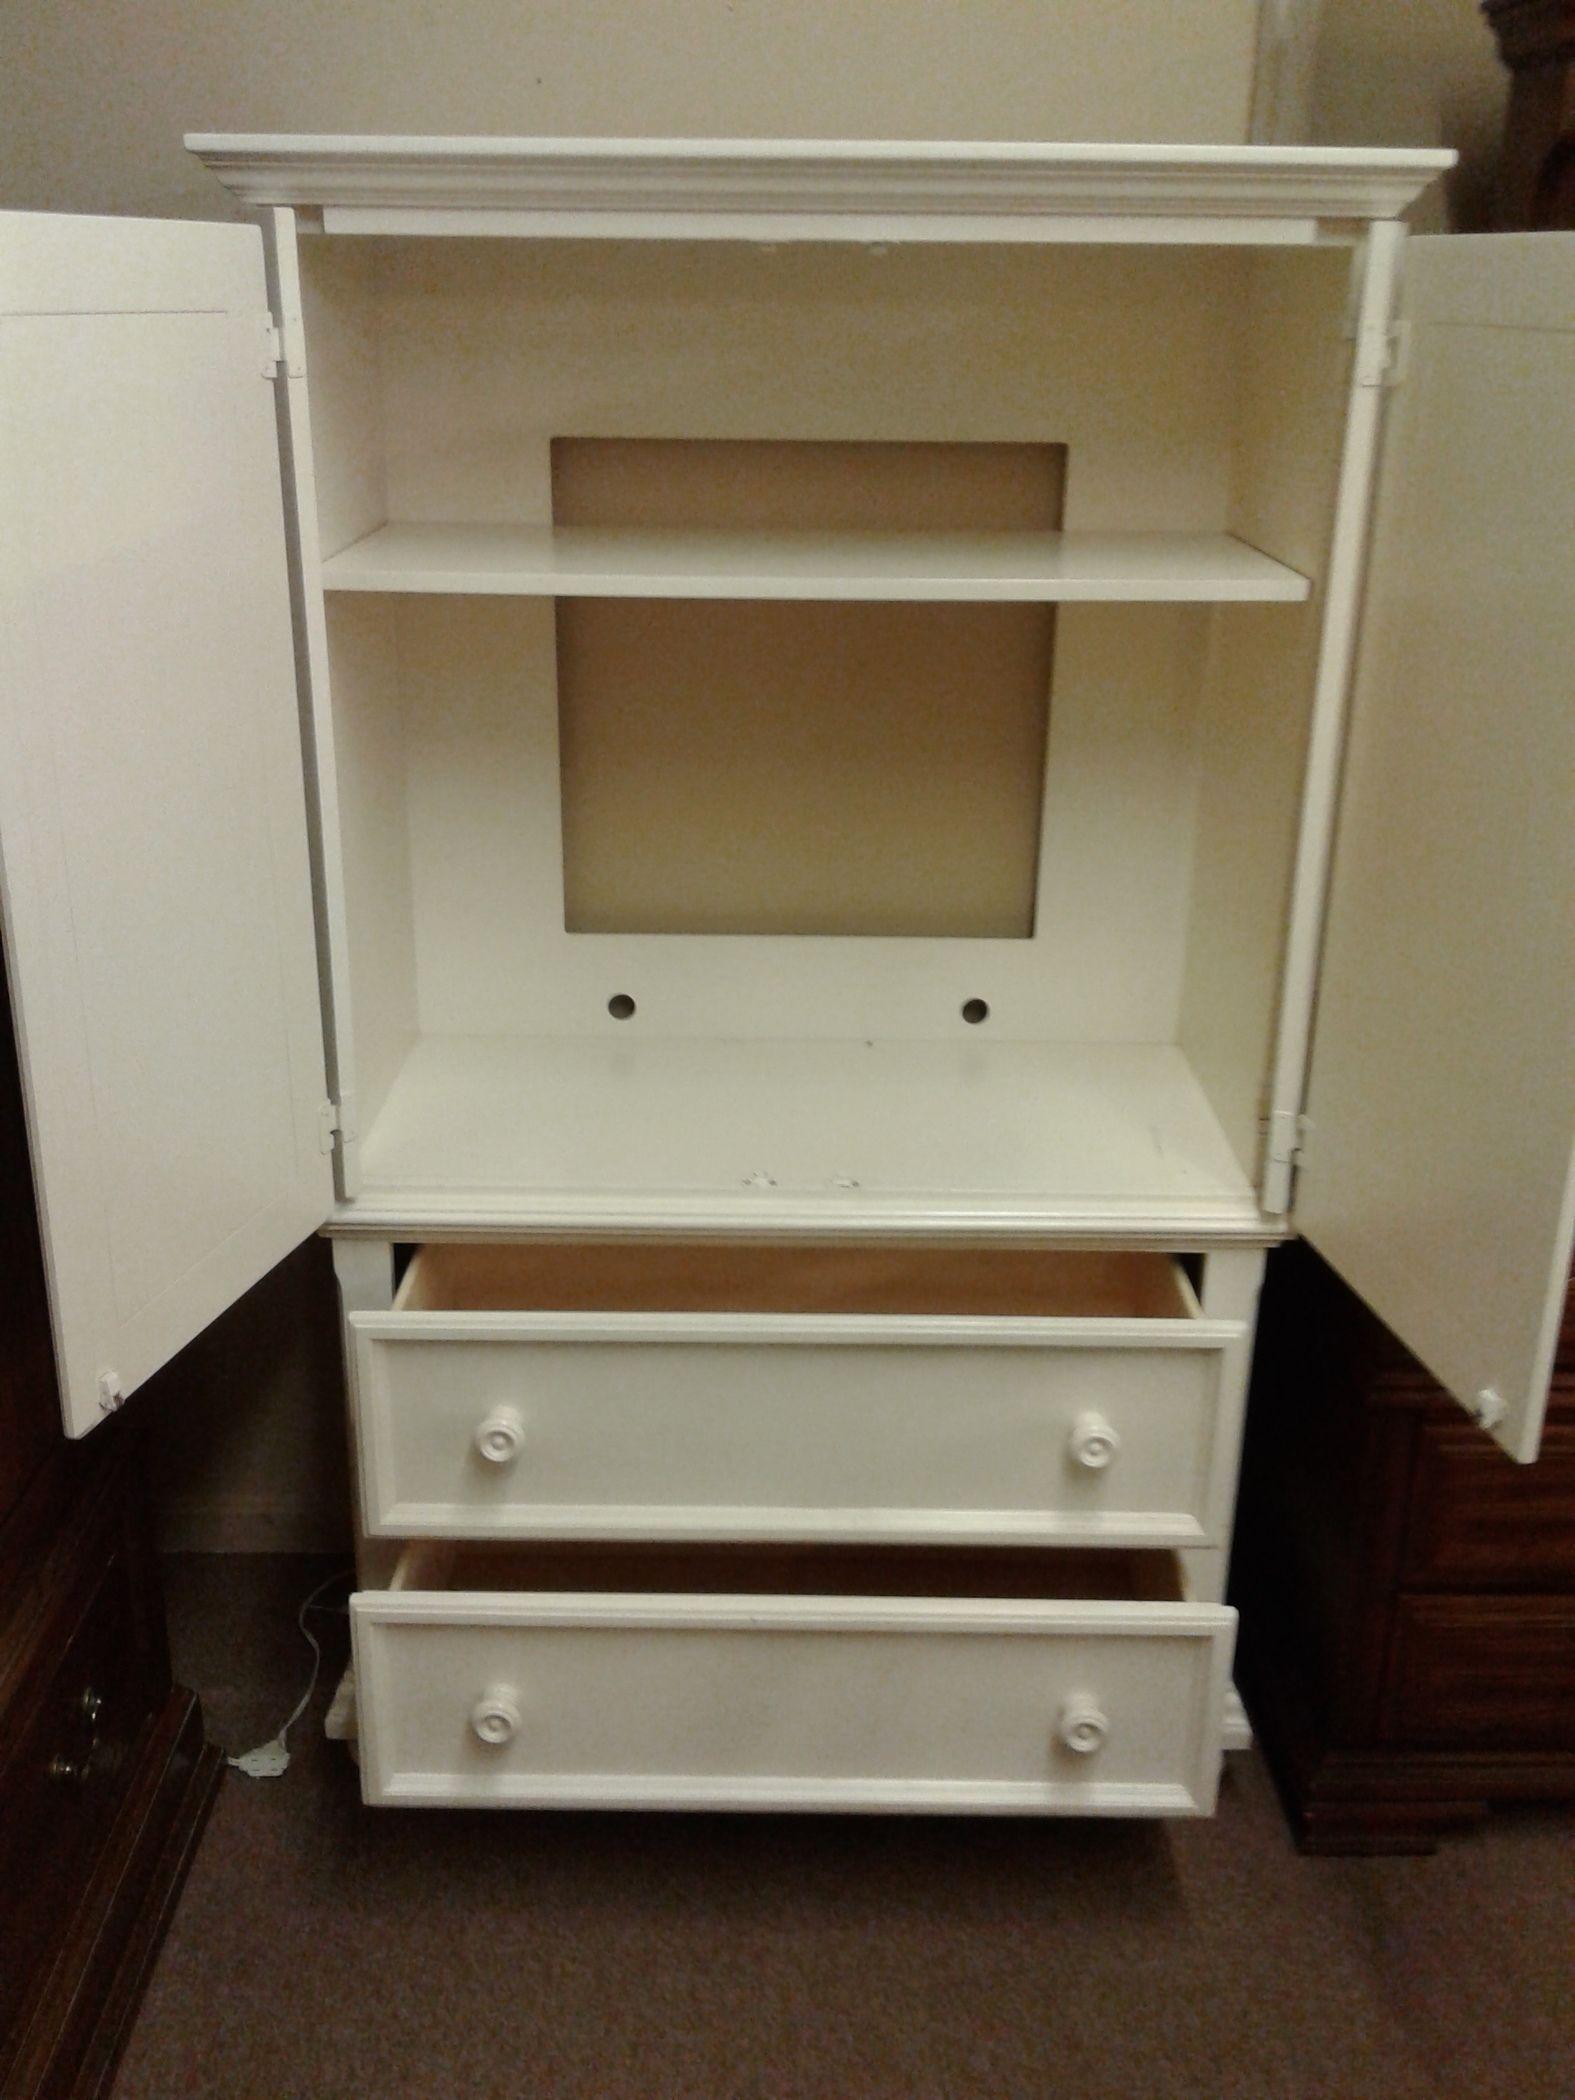 OFF-WHITE TV ARMOIRE | Delmarva Furniture Consignment